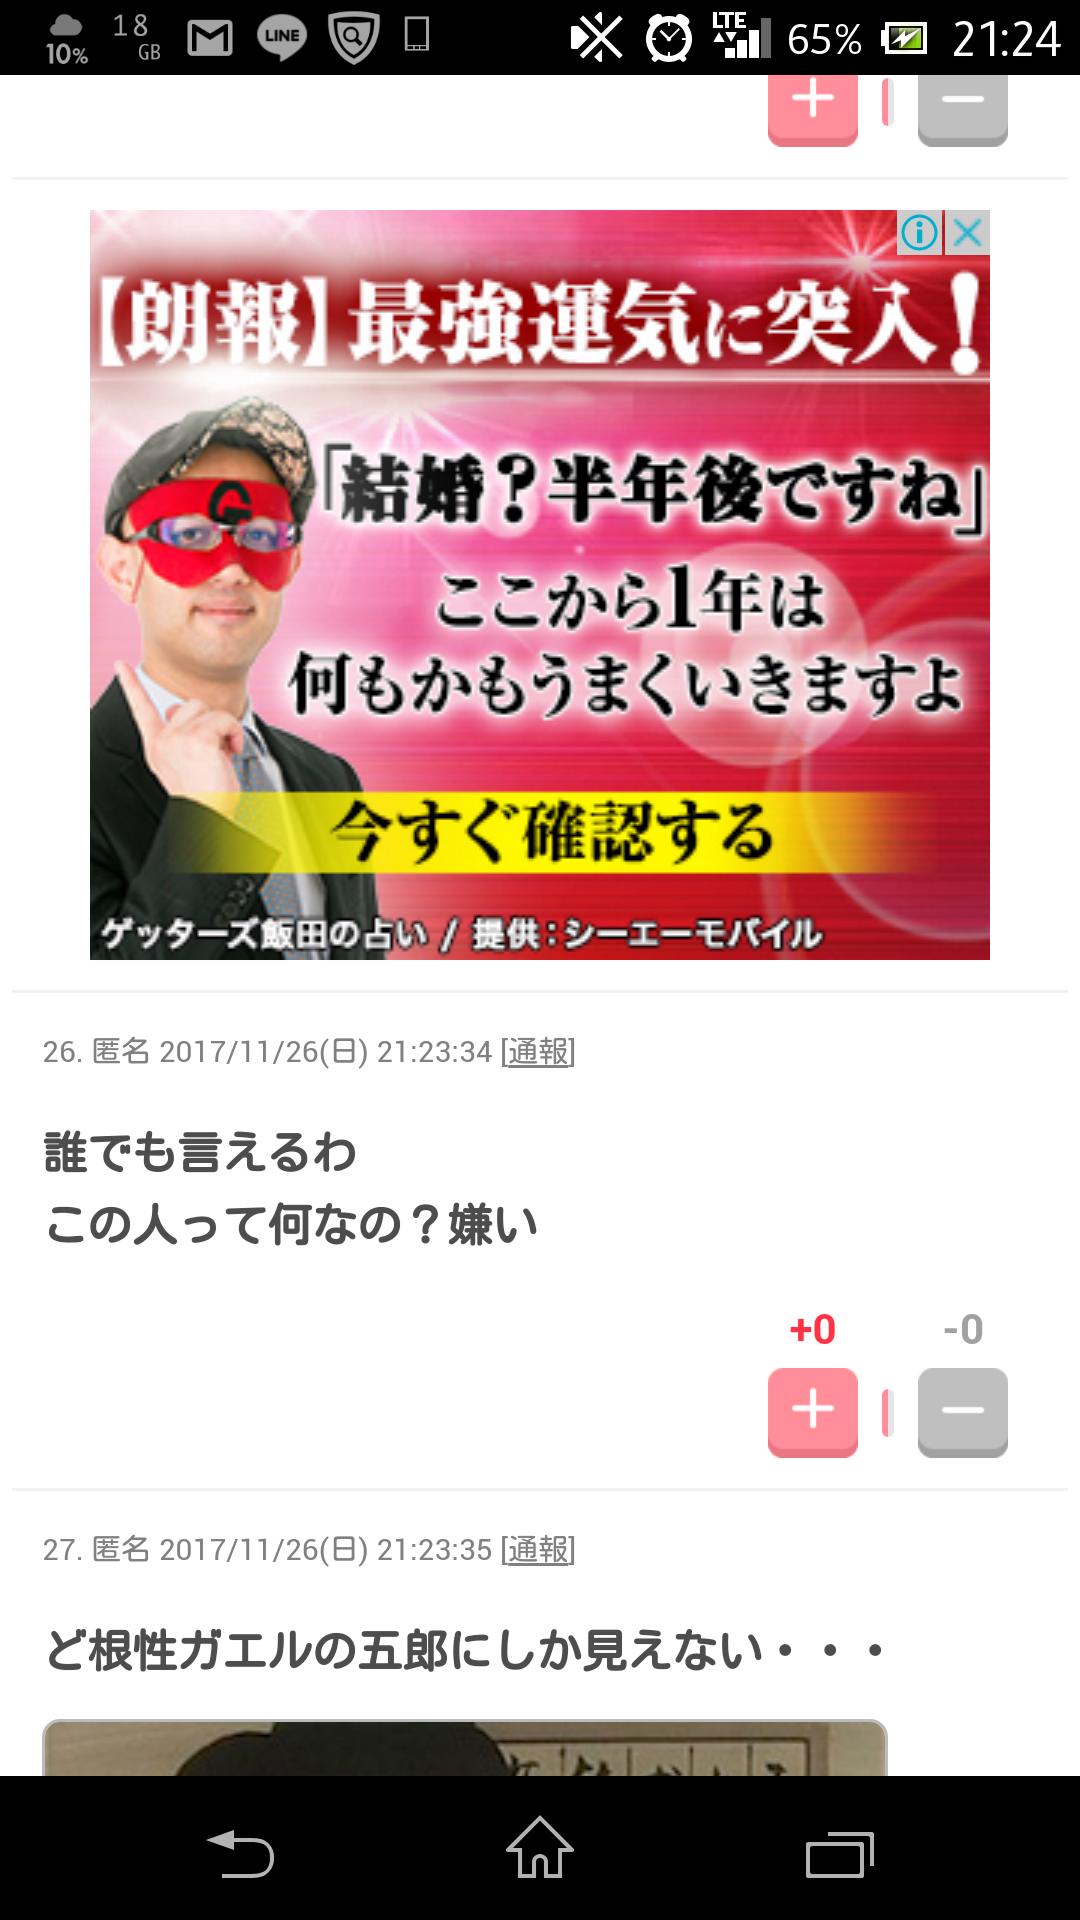 ゲッターズ飯田、来年の日本を占う「政治方面が荒れます」